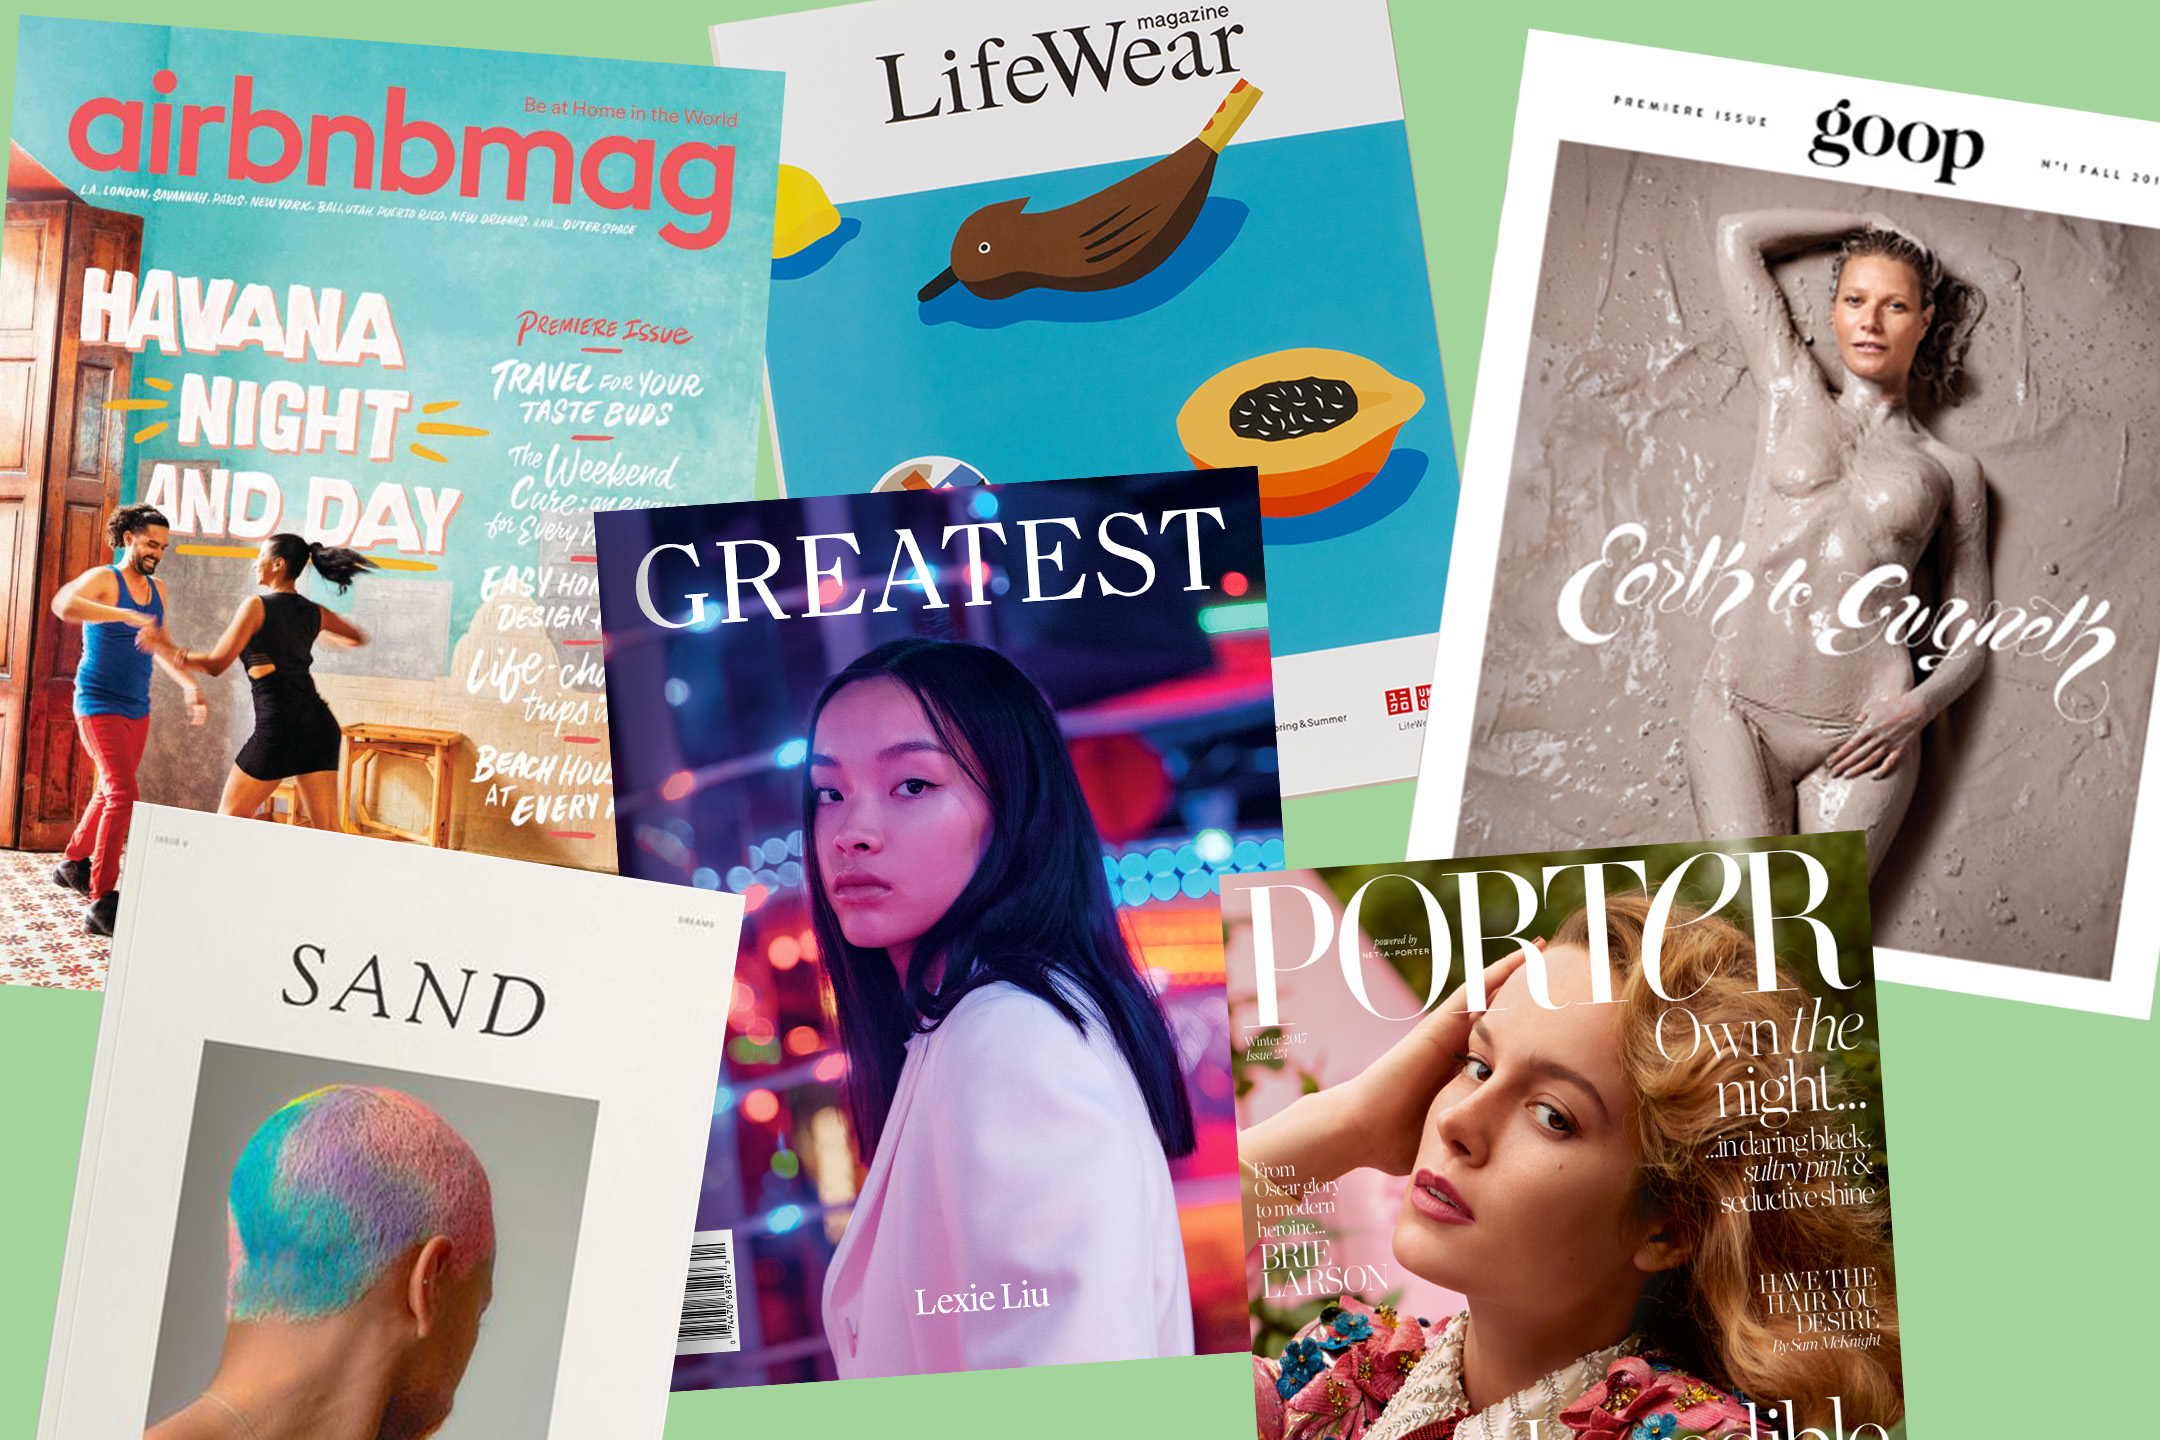 Brand magazines